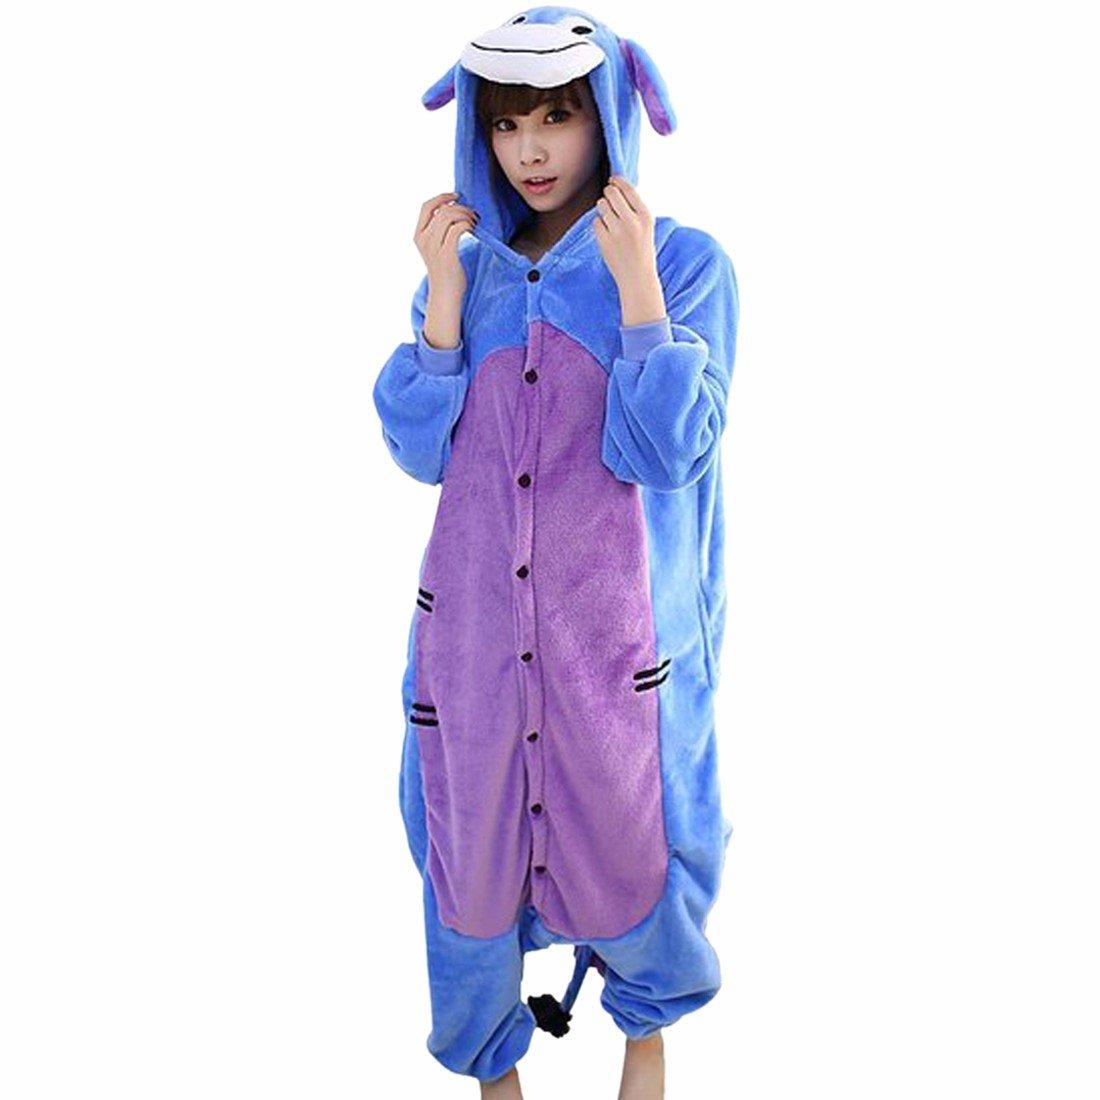 Z Unisex Animales De Dibujos Animados para Adultos Kigurumi Calido Pijamas Suaves Ropa De Dormir Cosplay: Amazon.es: Ropa y accesorios